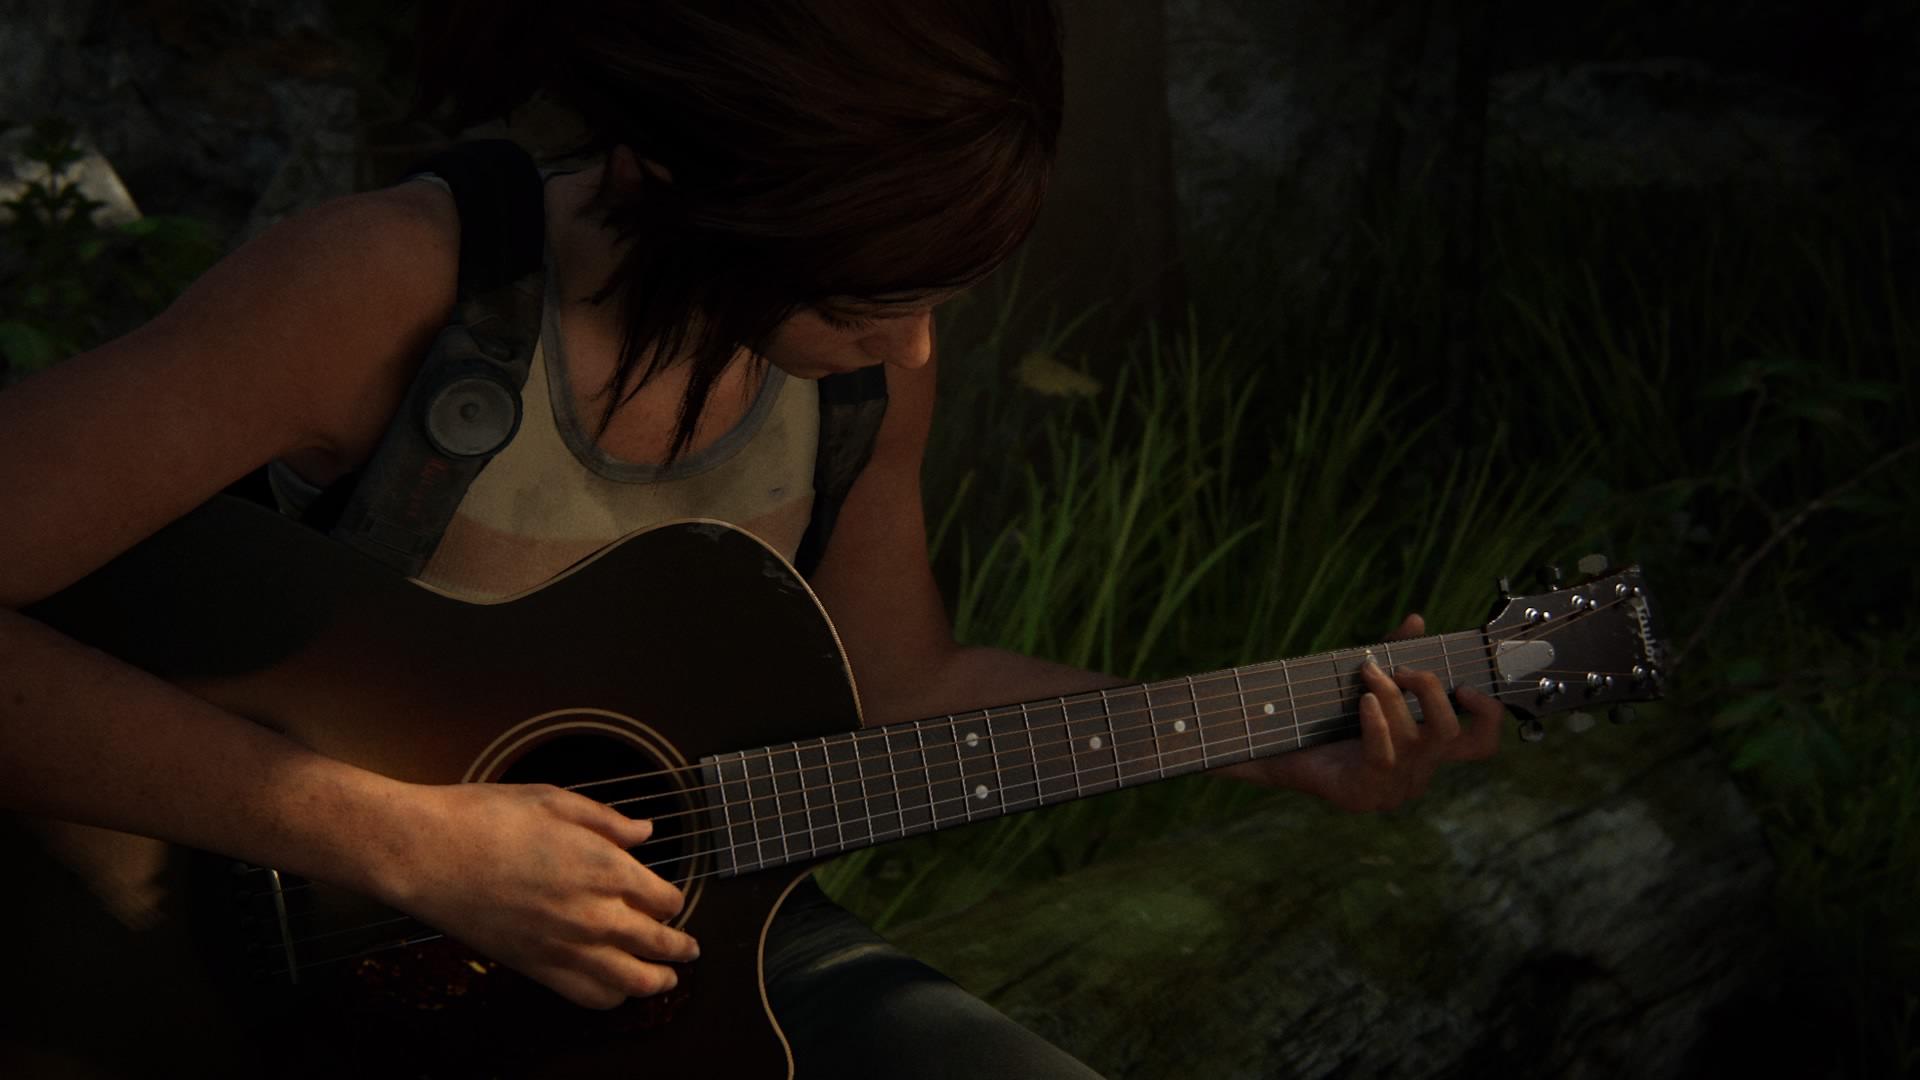 3 Jahre Vorher - Ellie Spielt Gitarre Bei Einem Waldausflug Mit Joel